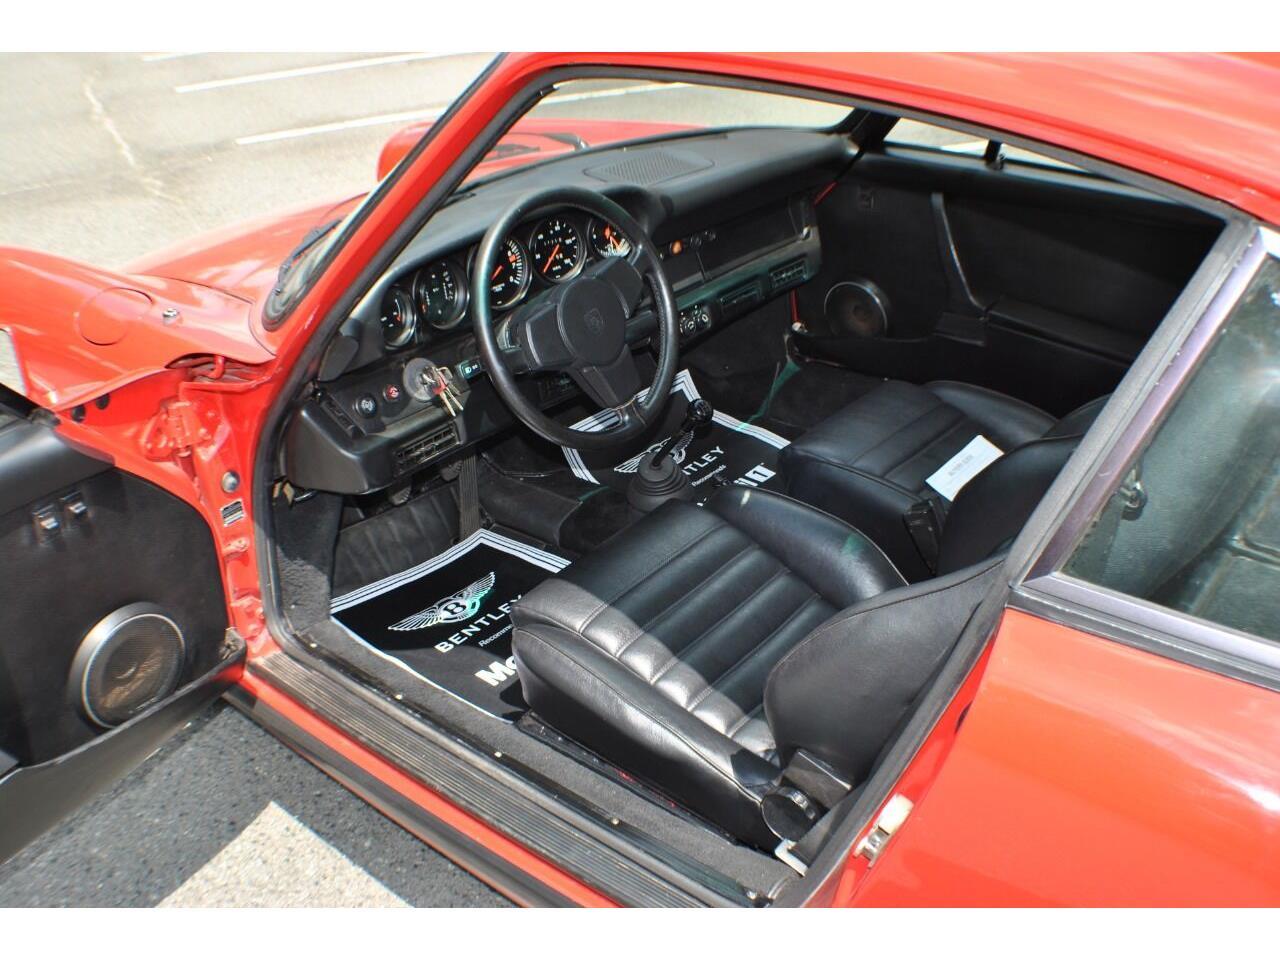 1975 Porsche 911 Carrera (CC-1300071) for sale in Charlotte, North Carolina